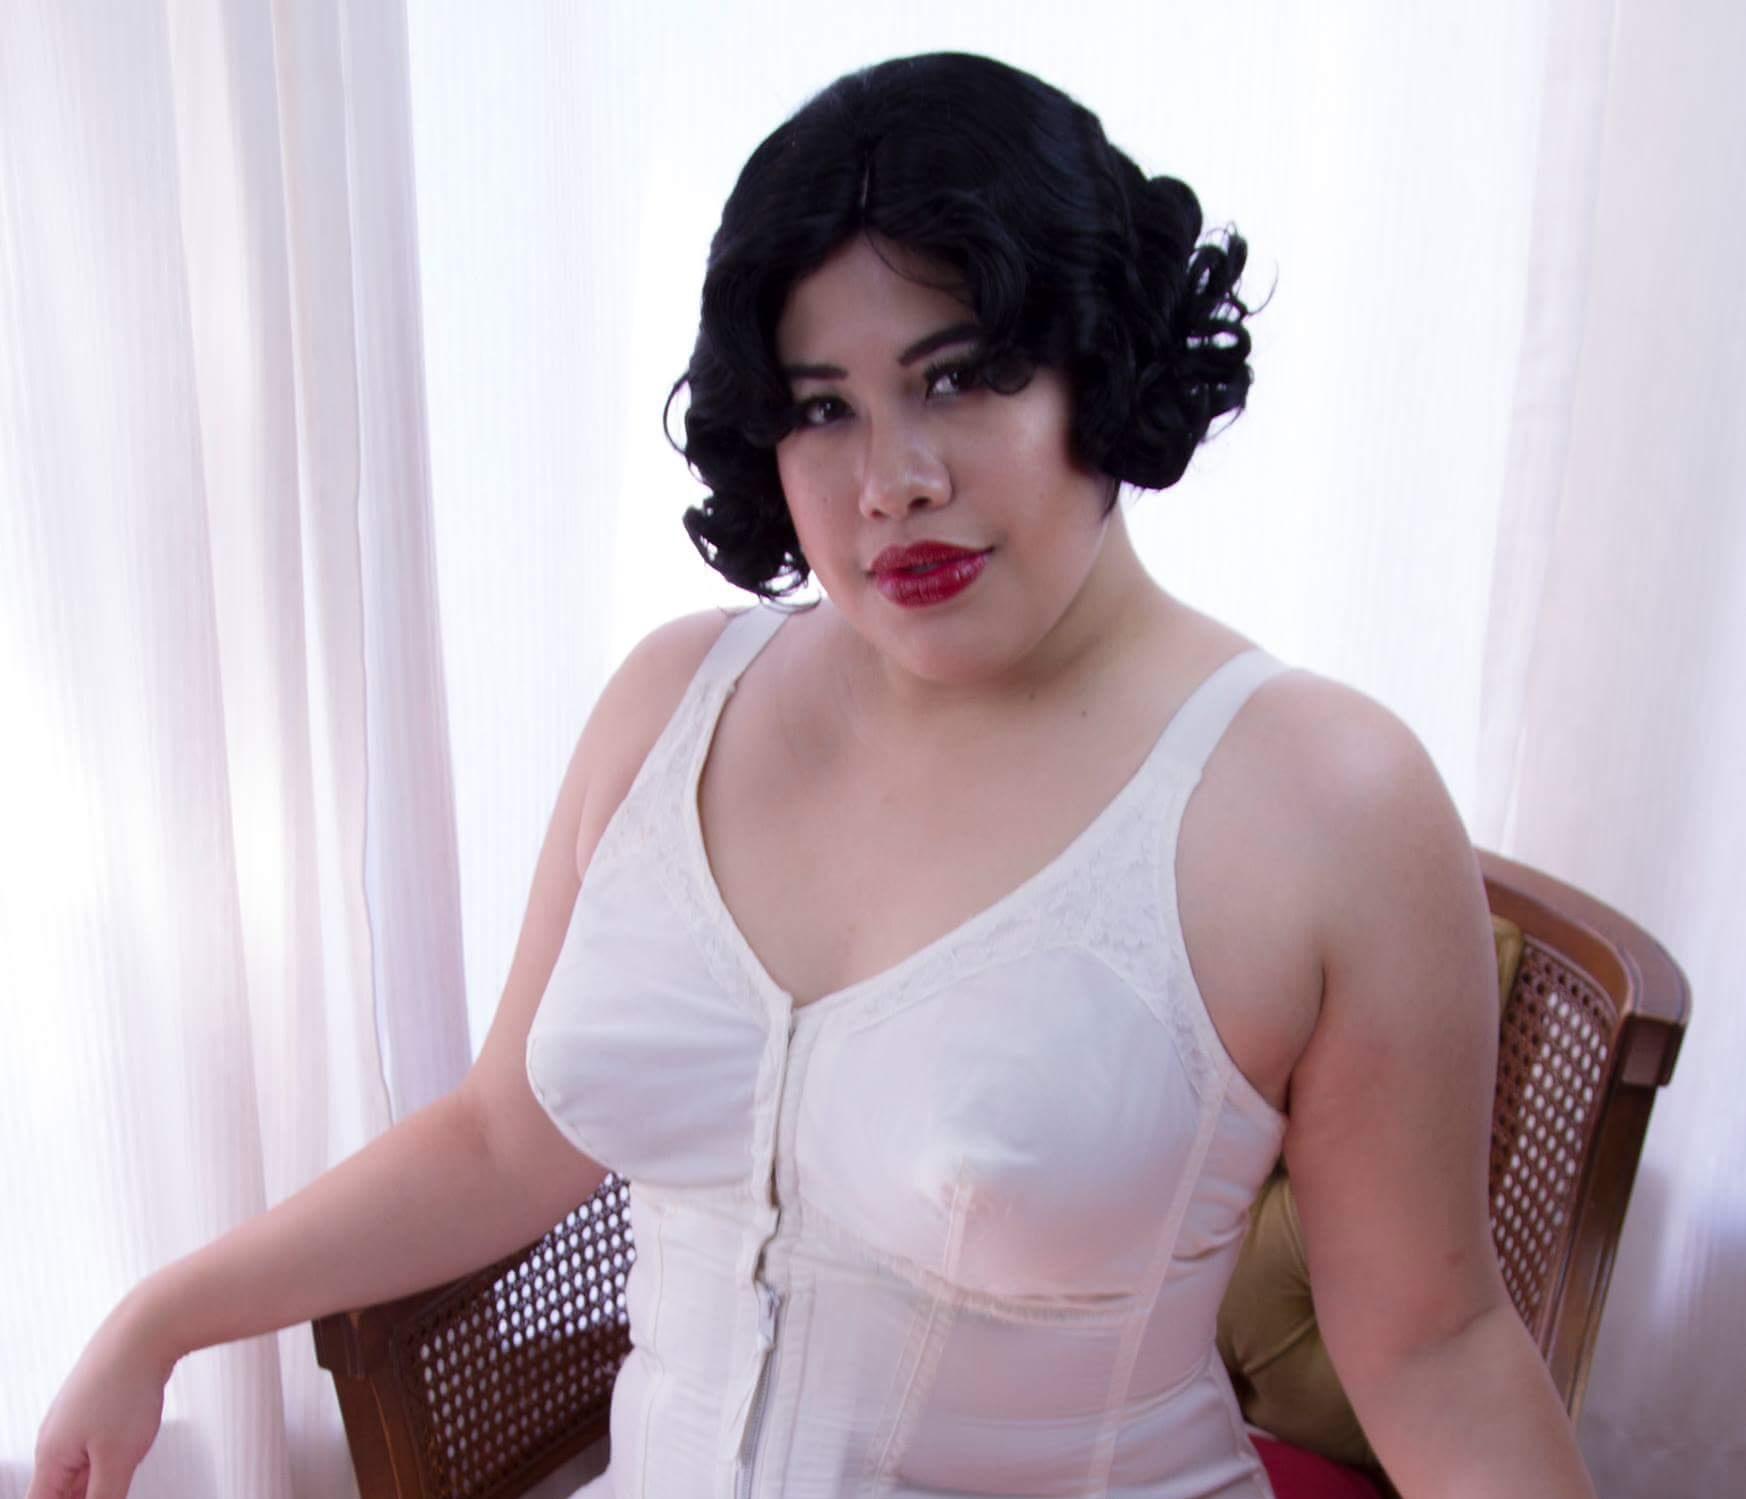 SindelaRosa-RachelRaymond.jpg